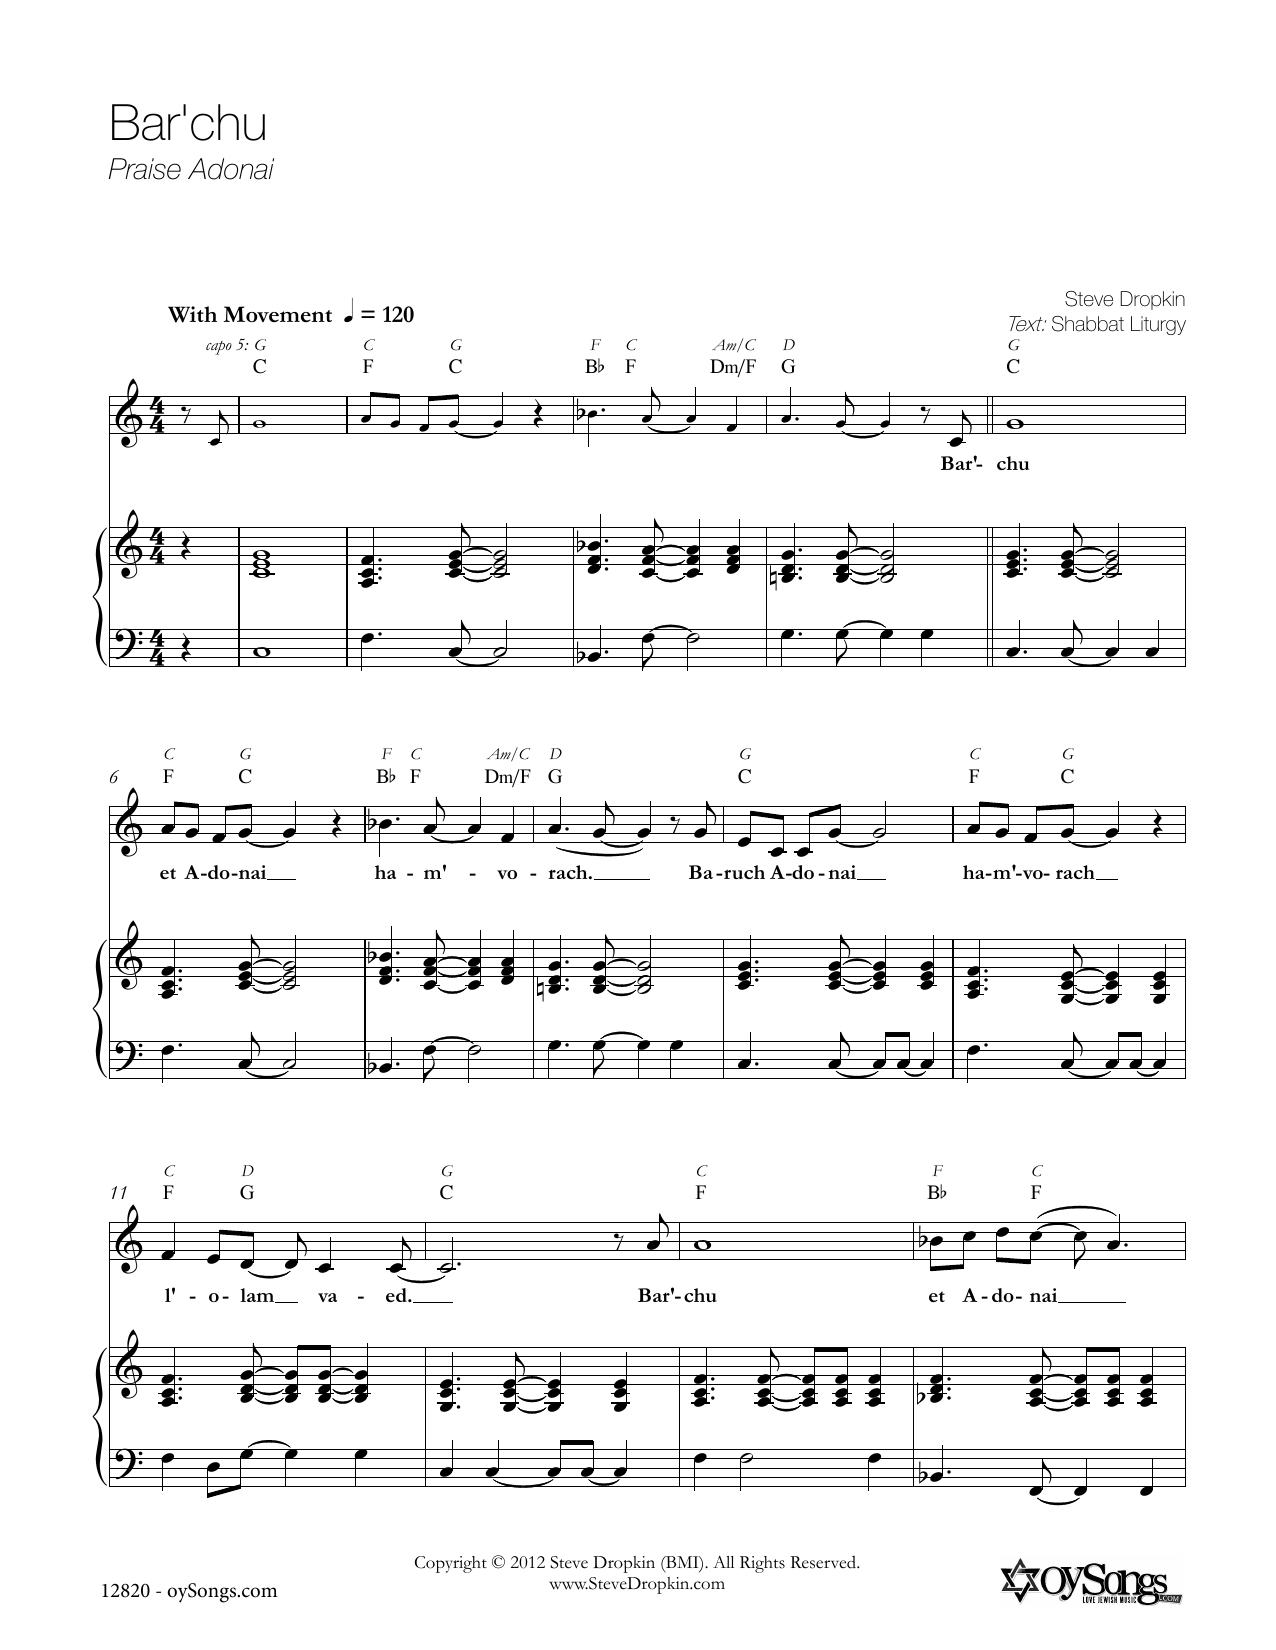 Bar'chu Sheet Music